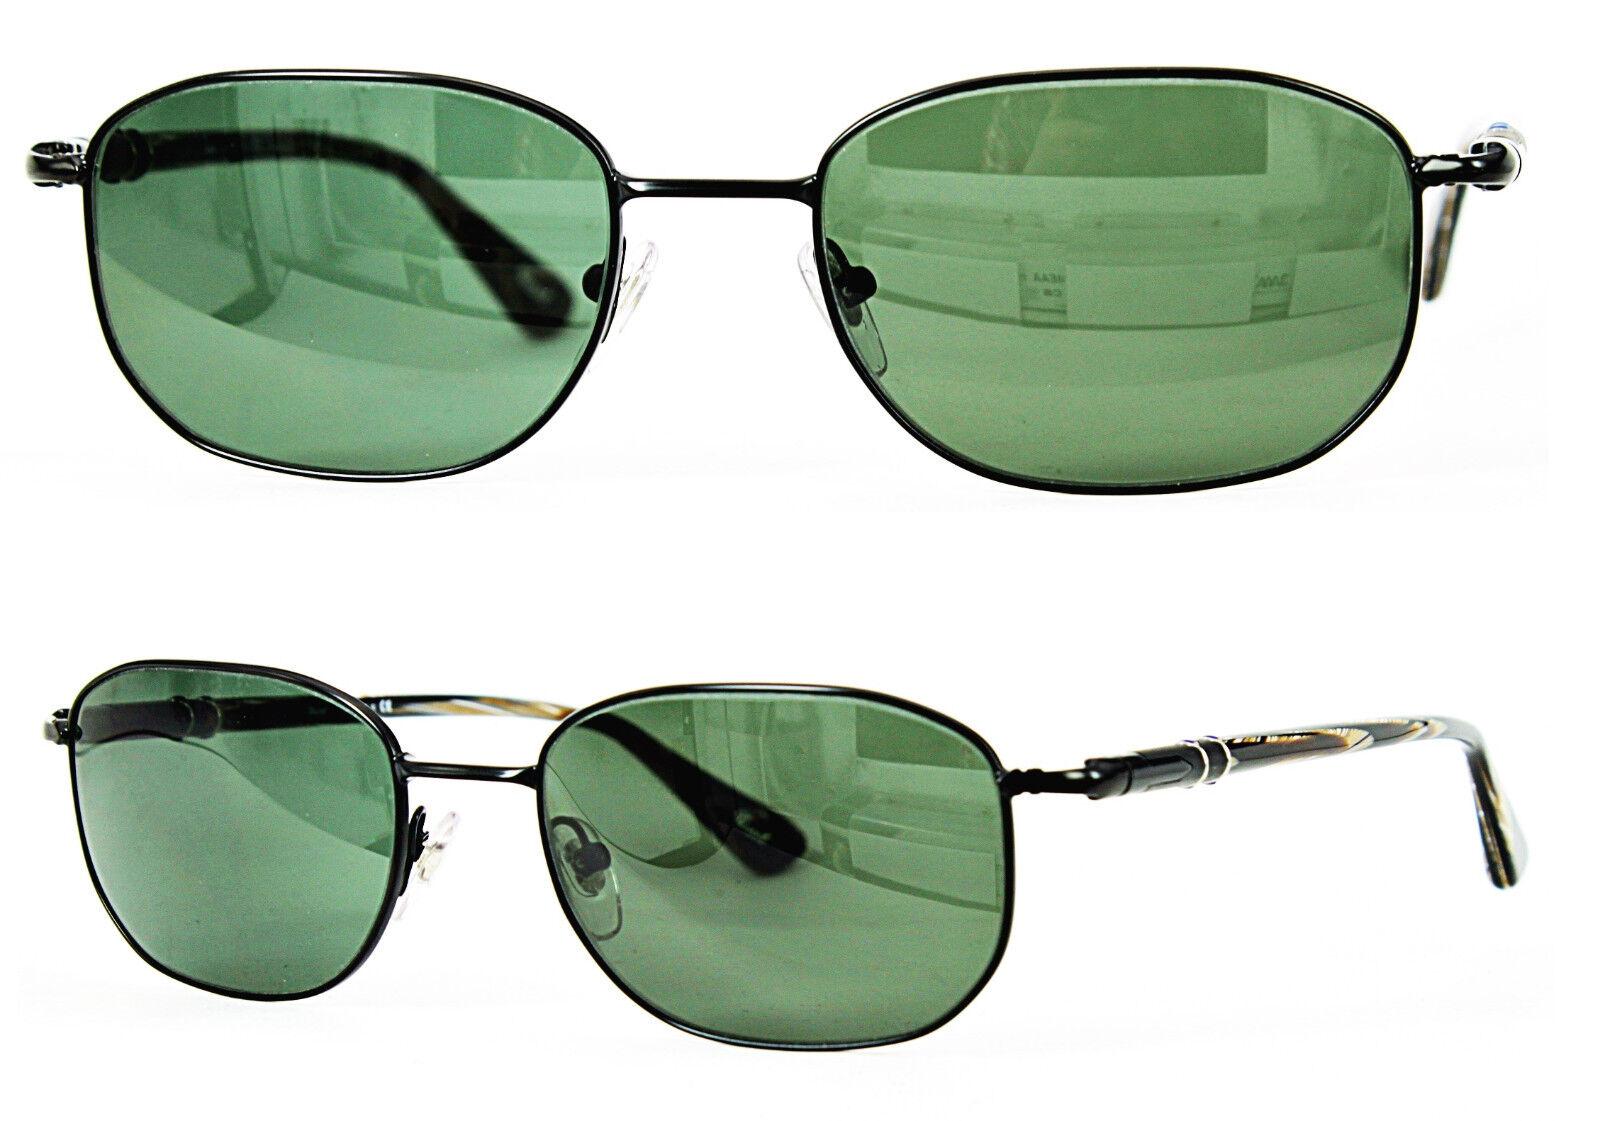 Persol Sonnenbrille     Sunglasses 2432-V 1055 5318 145    237 |   f450e6